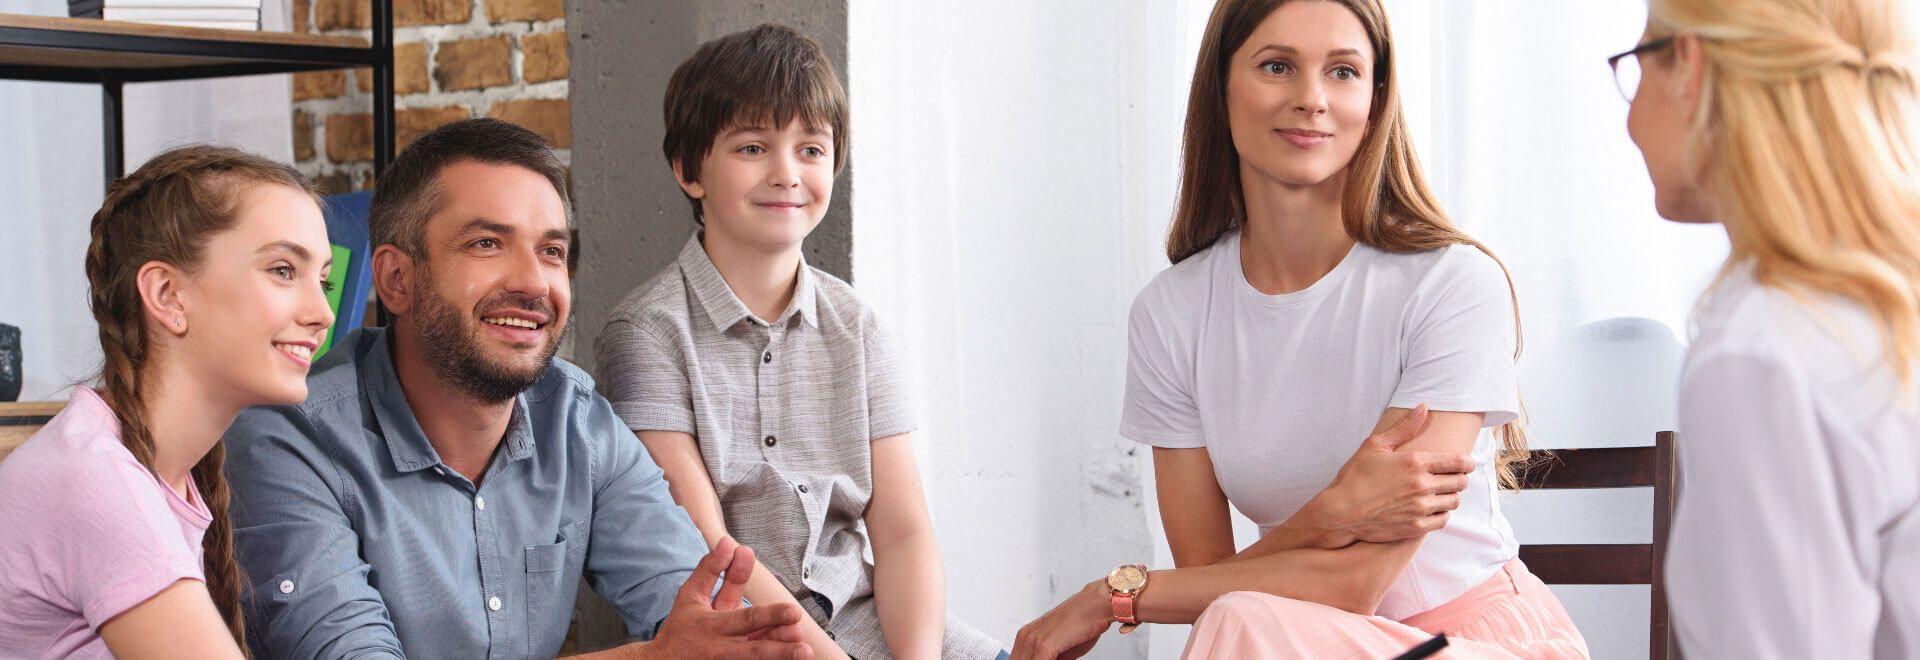 Gesundheitsberatung eine Familie sitzt zusammen mit einem Gesundheitsberater/in & Präventionscoach